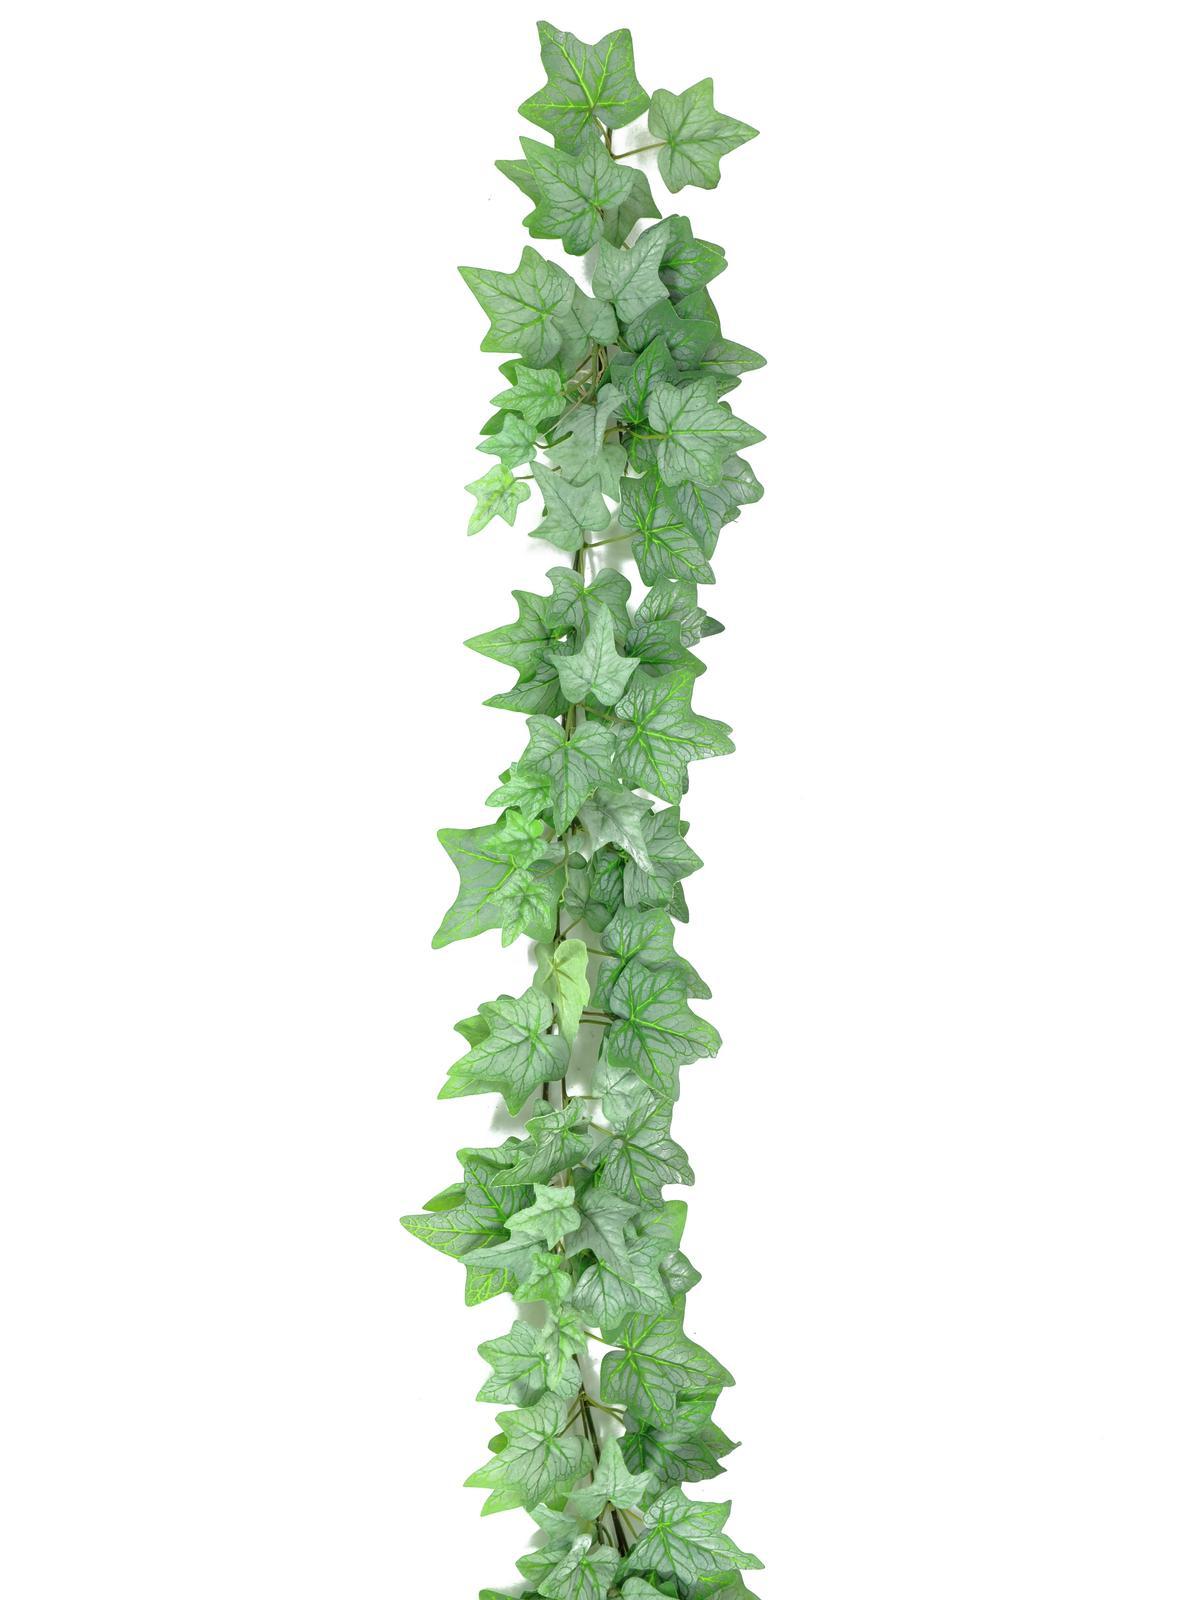 Billede af Kunstig Ivy-garland, green, 180cm